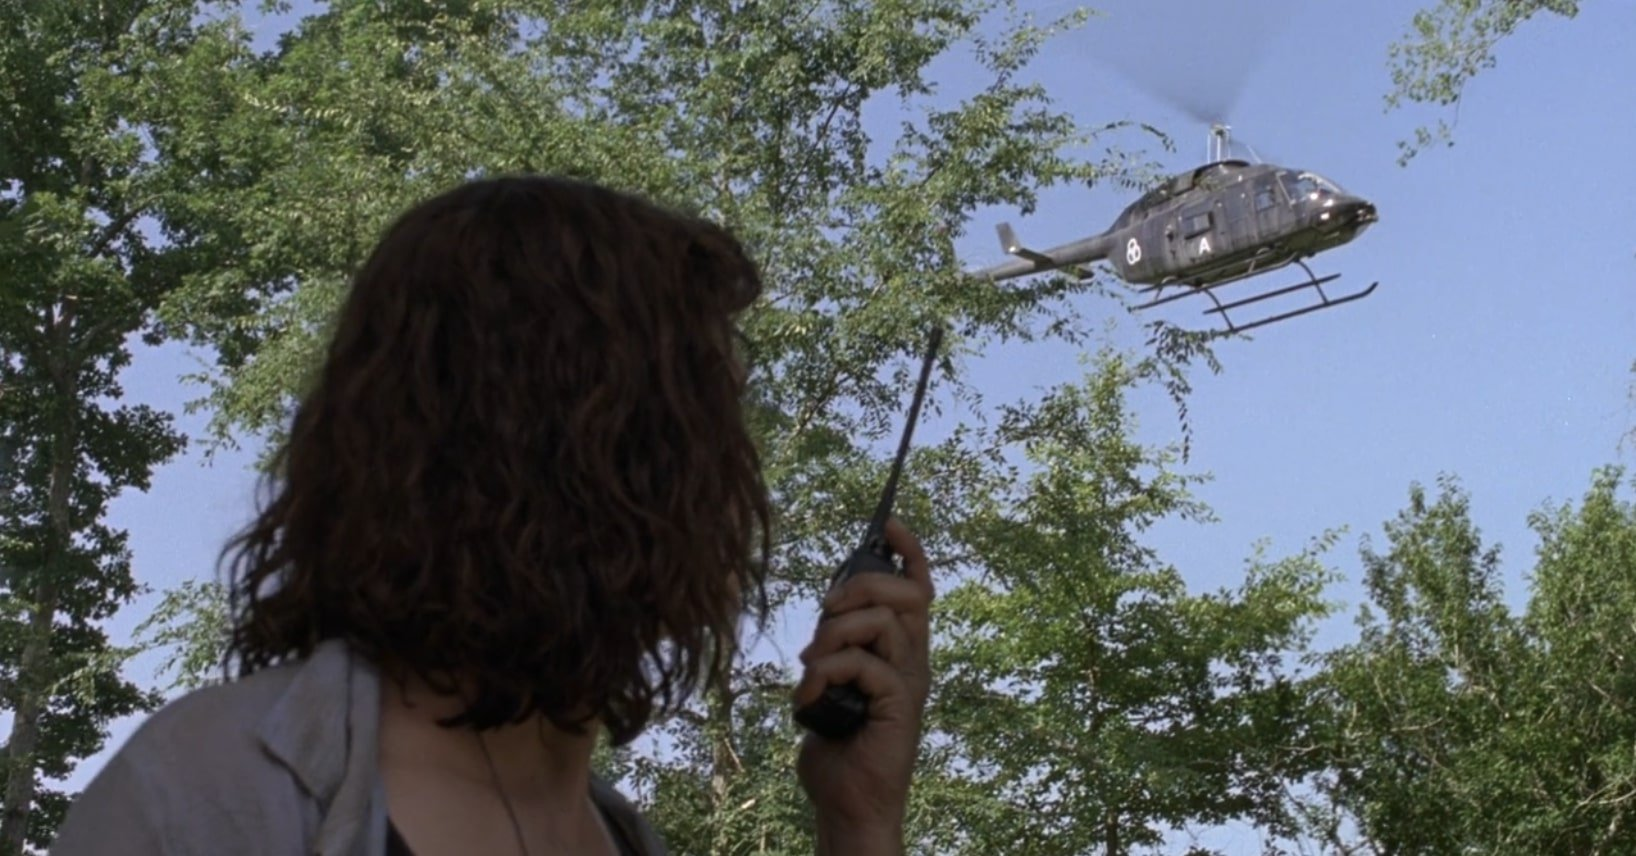 Dans l'épisode 5 de la saison 9, Jadis convainc l'hélicoptère de sauver Rick.  Le symbole sur l'hélicoptère attire l'attention.